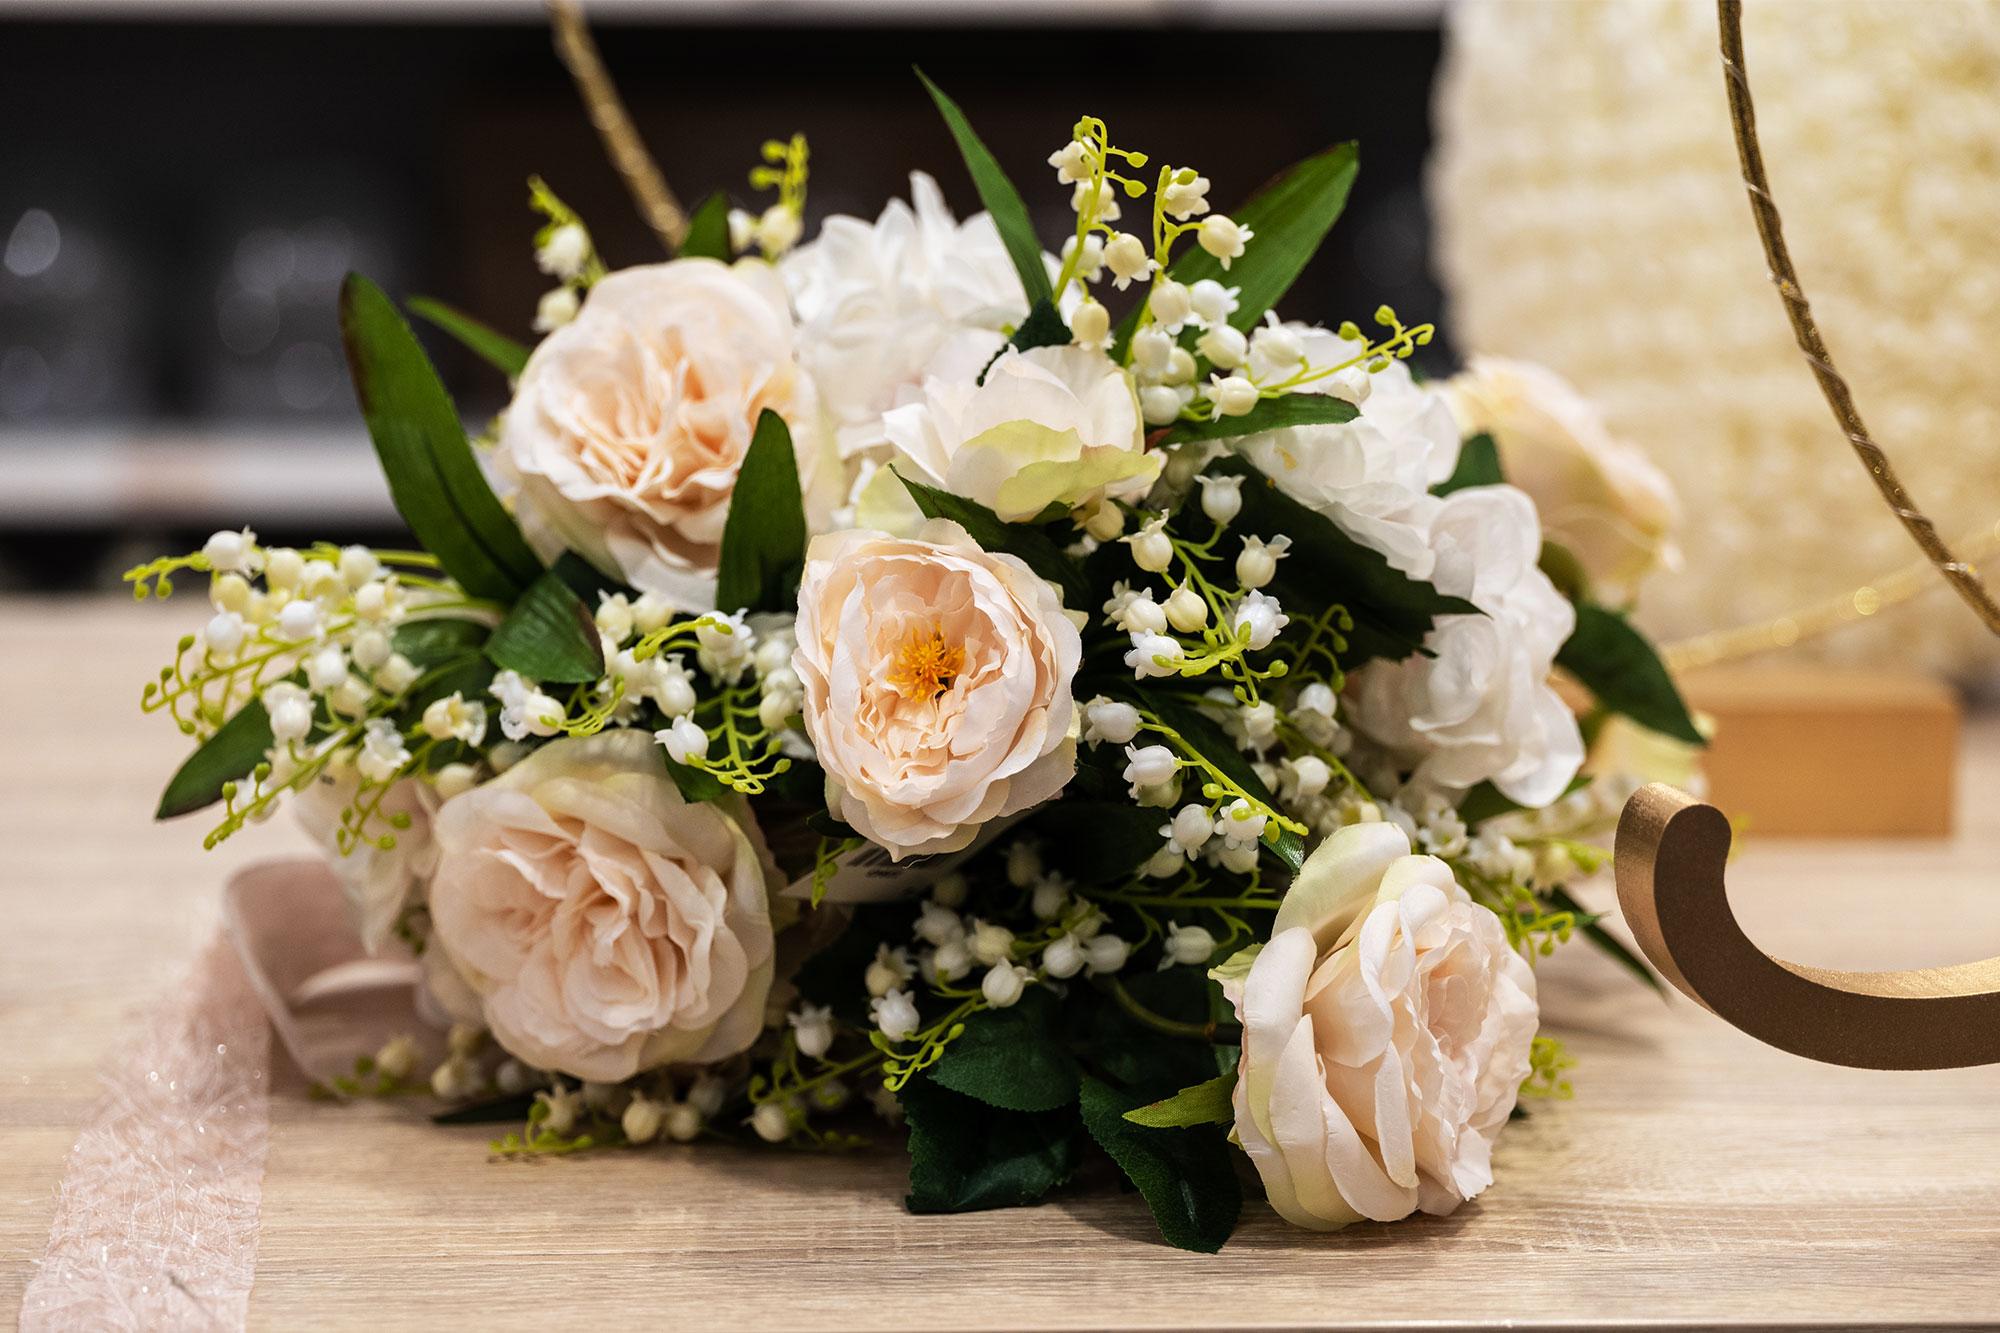 Fiori--Idee-di-allestimento-per-matrimonio-bomboniere-e-accessori-per-celebrare-con-stile